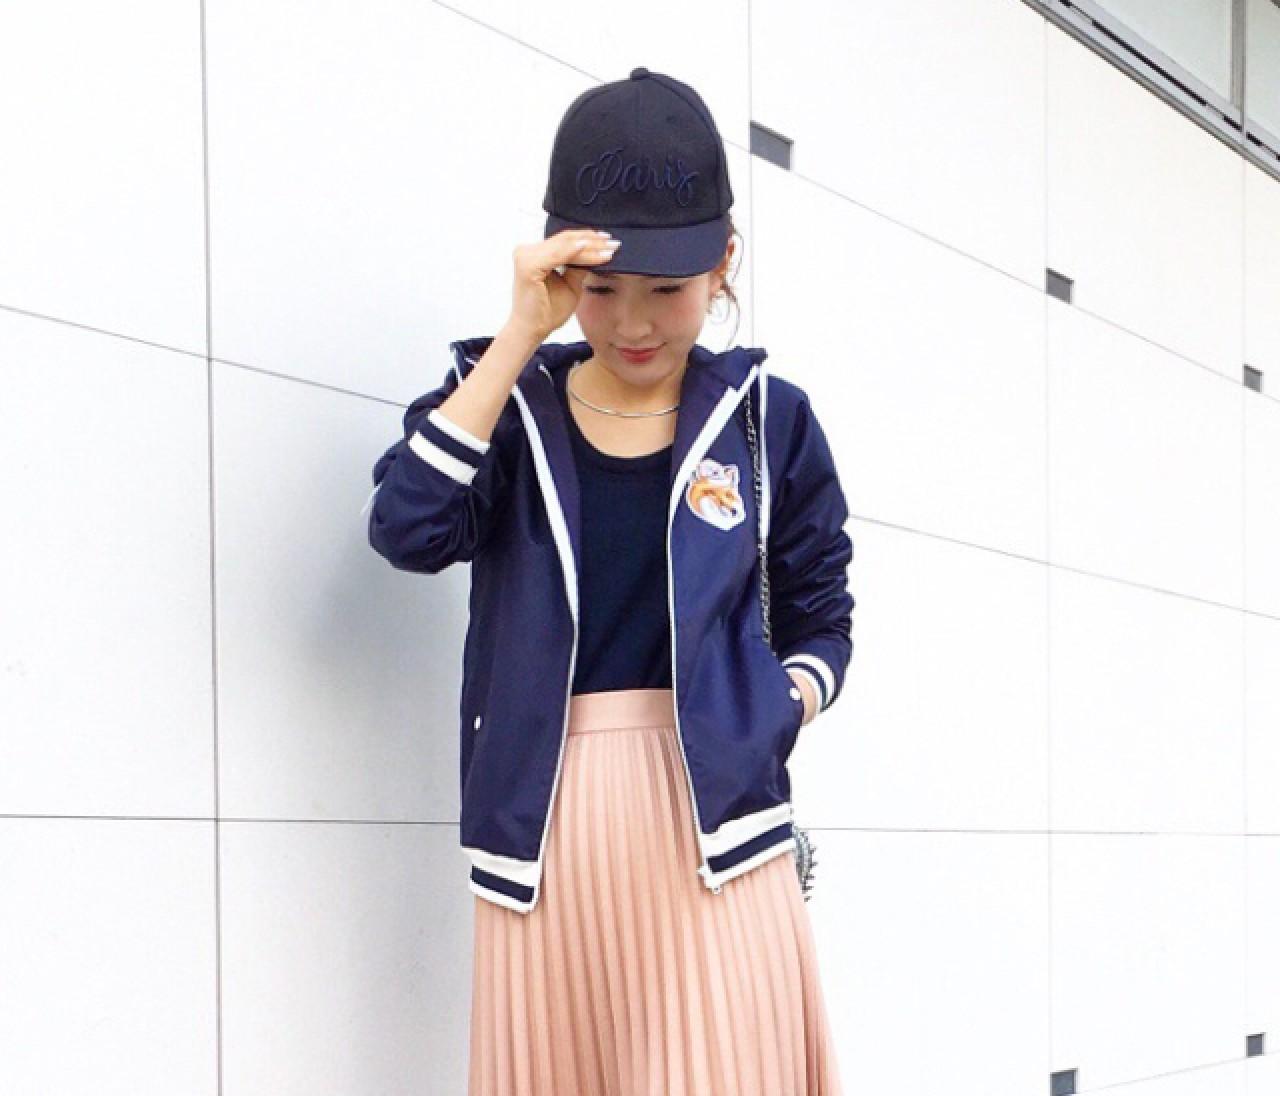 【#バイラーズの春服 #OOTD】木本 静さん(2016年3月31日)